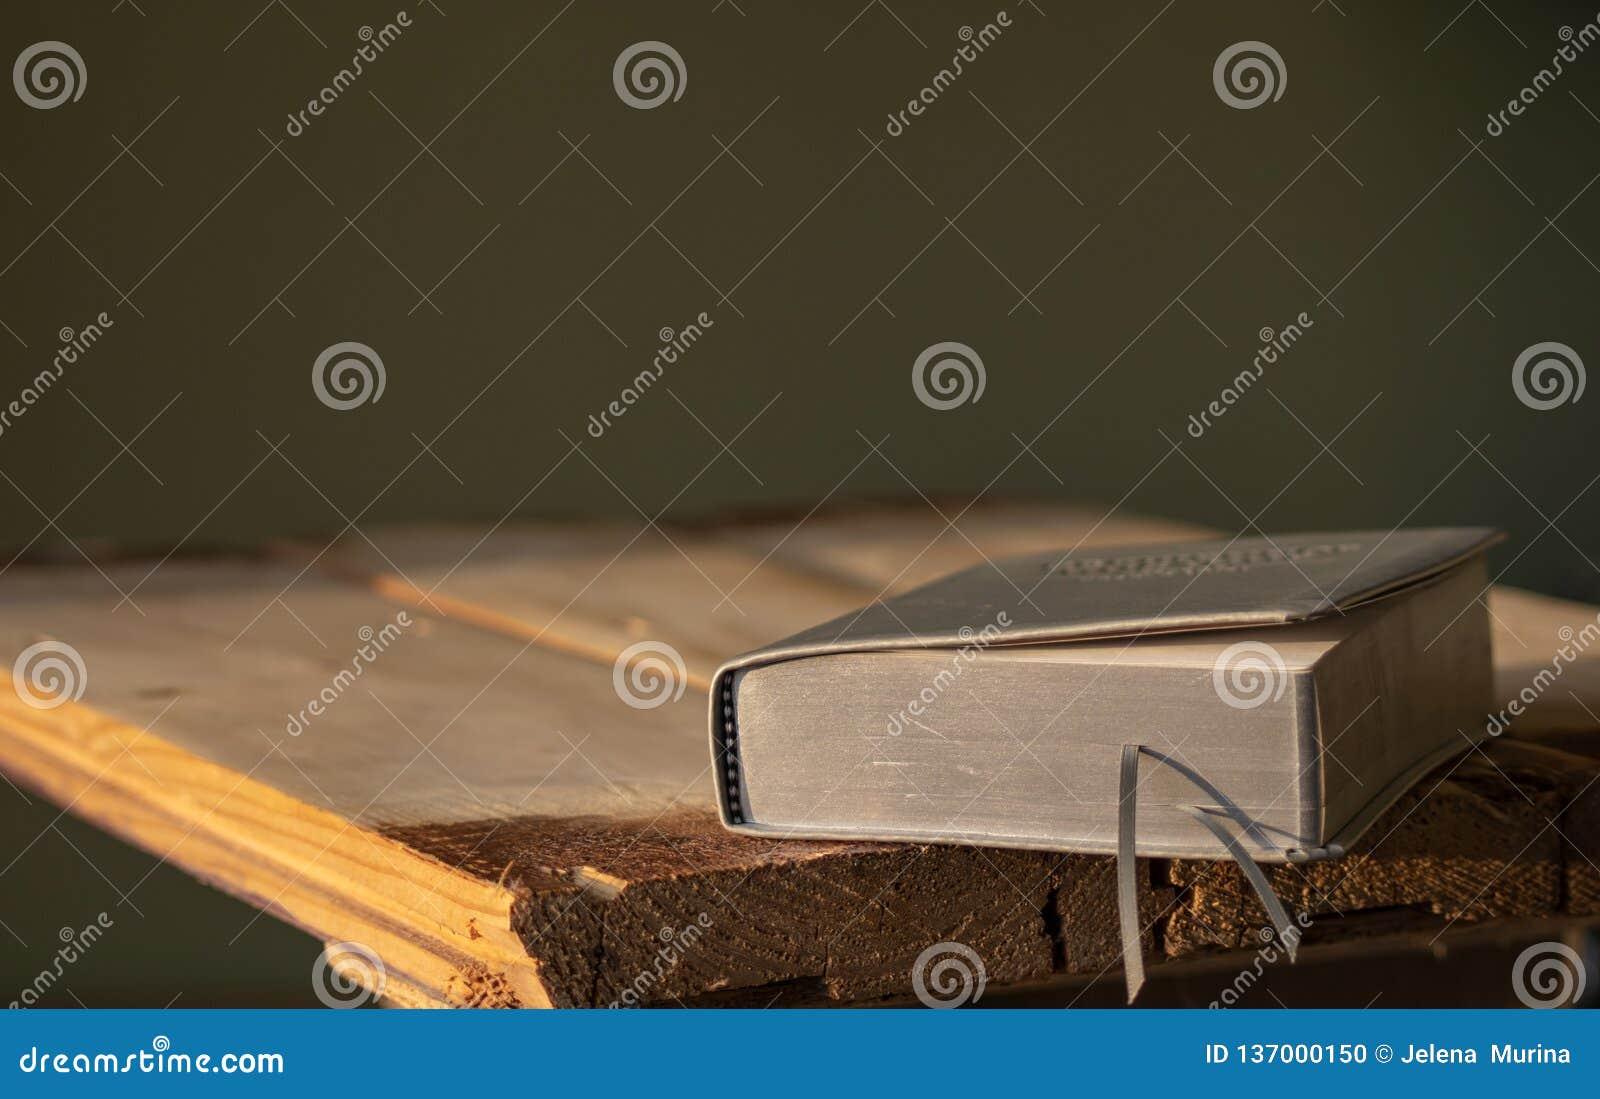 Een boek van het leergebed met zilveren pagina s